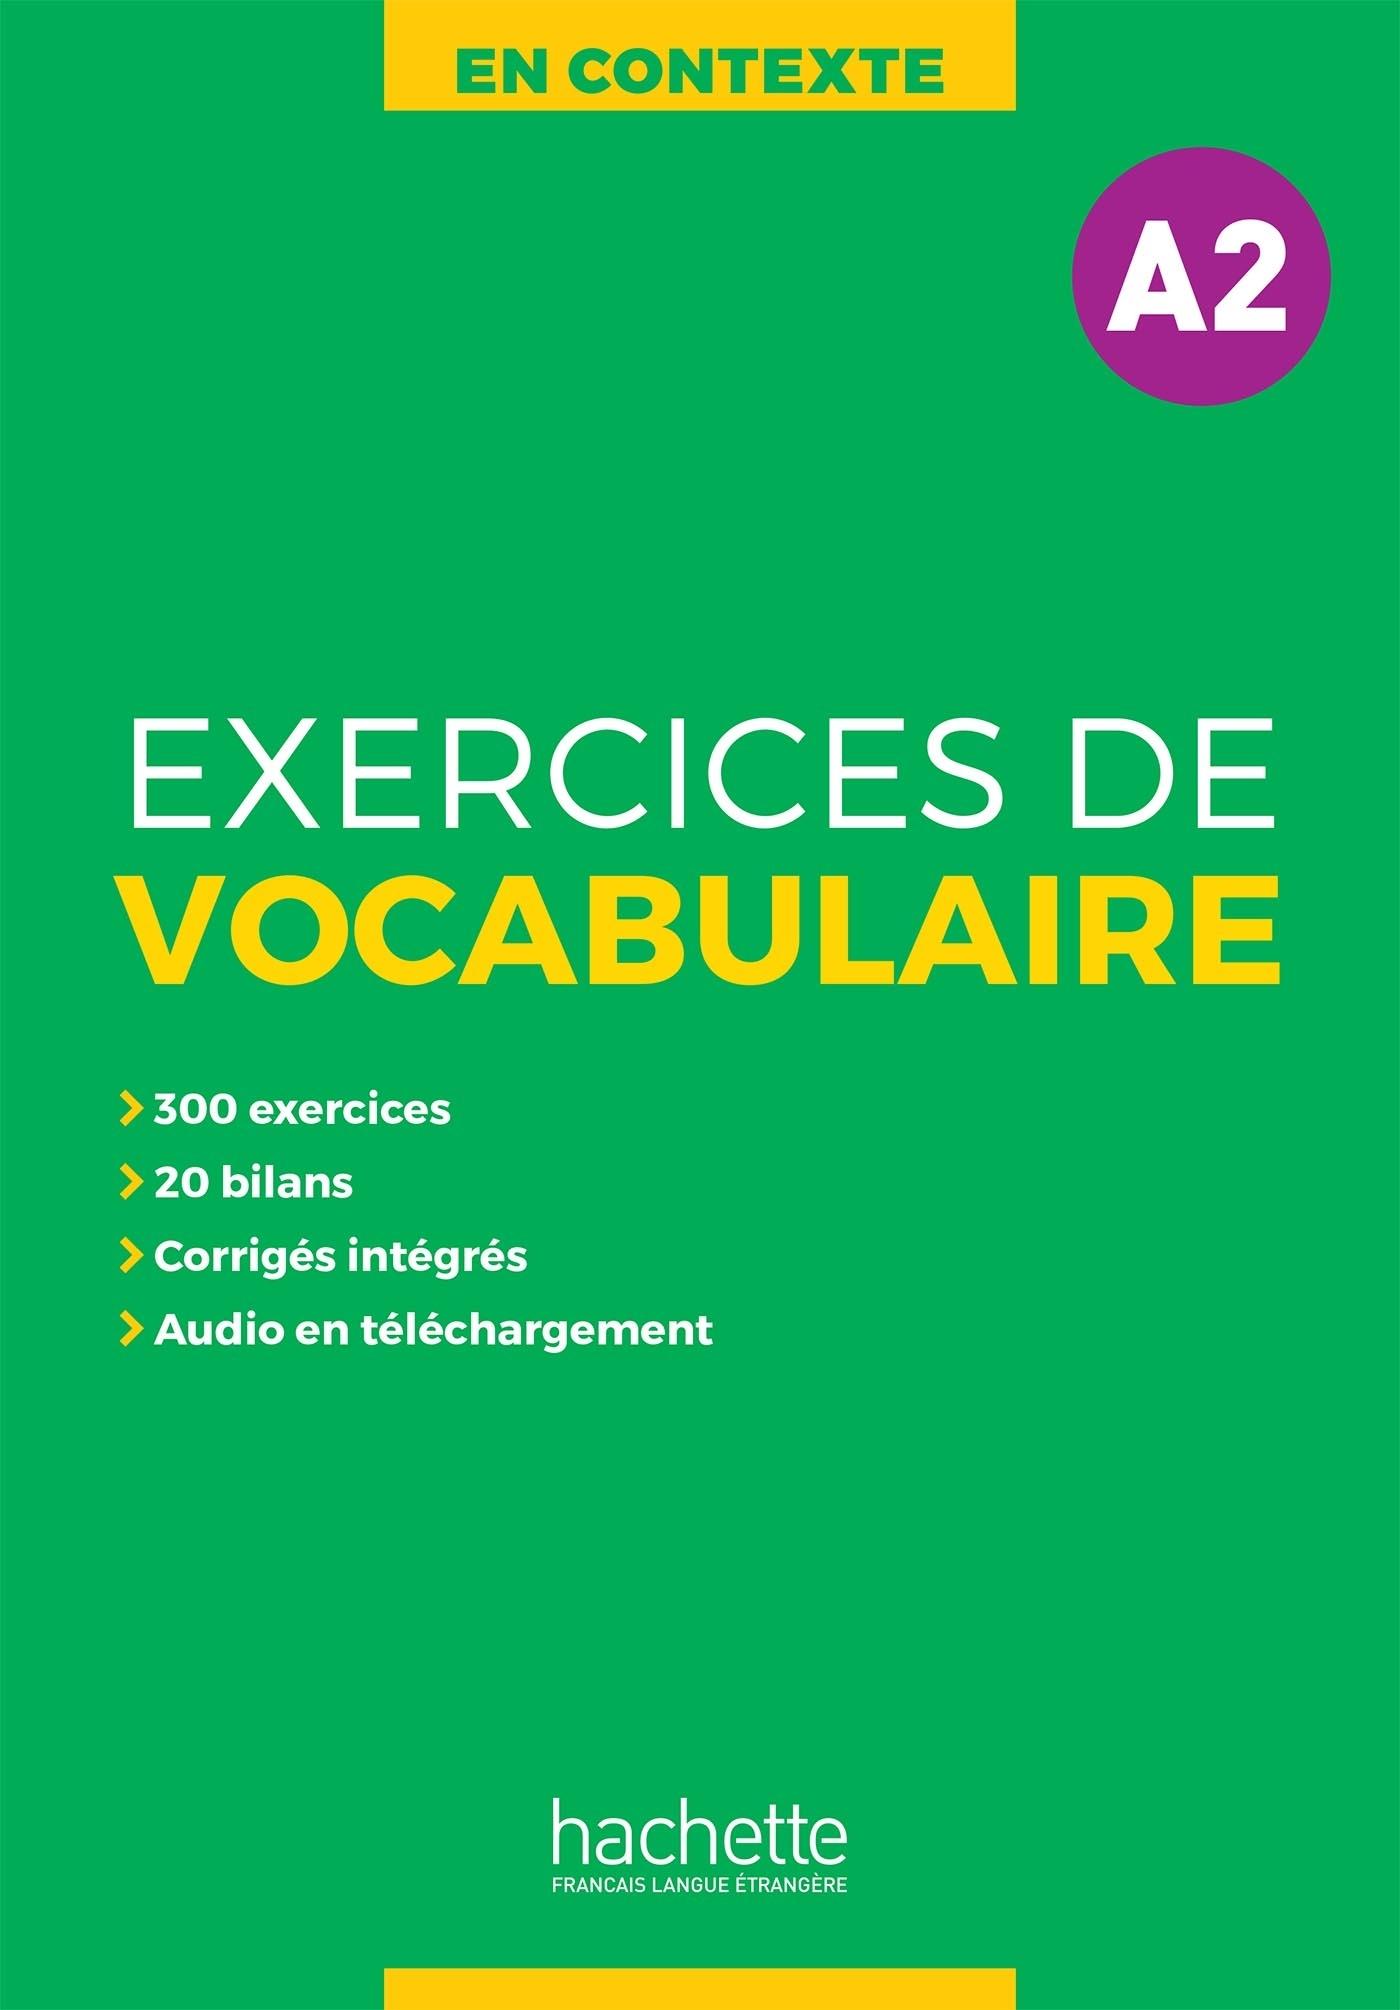 EN CONTEXTE - EXERCICES DE VOCABULAIRE A2 + AUDIO + CORRIGES - CAHIER D'ENTRAINEMENT